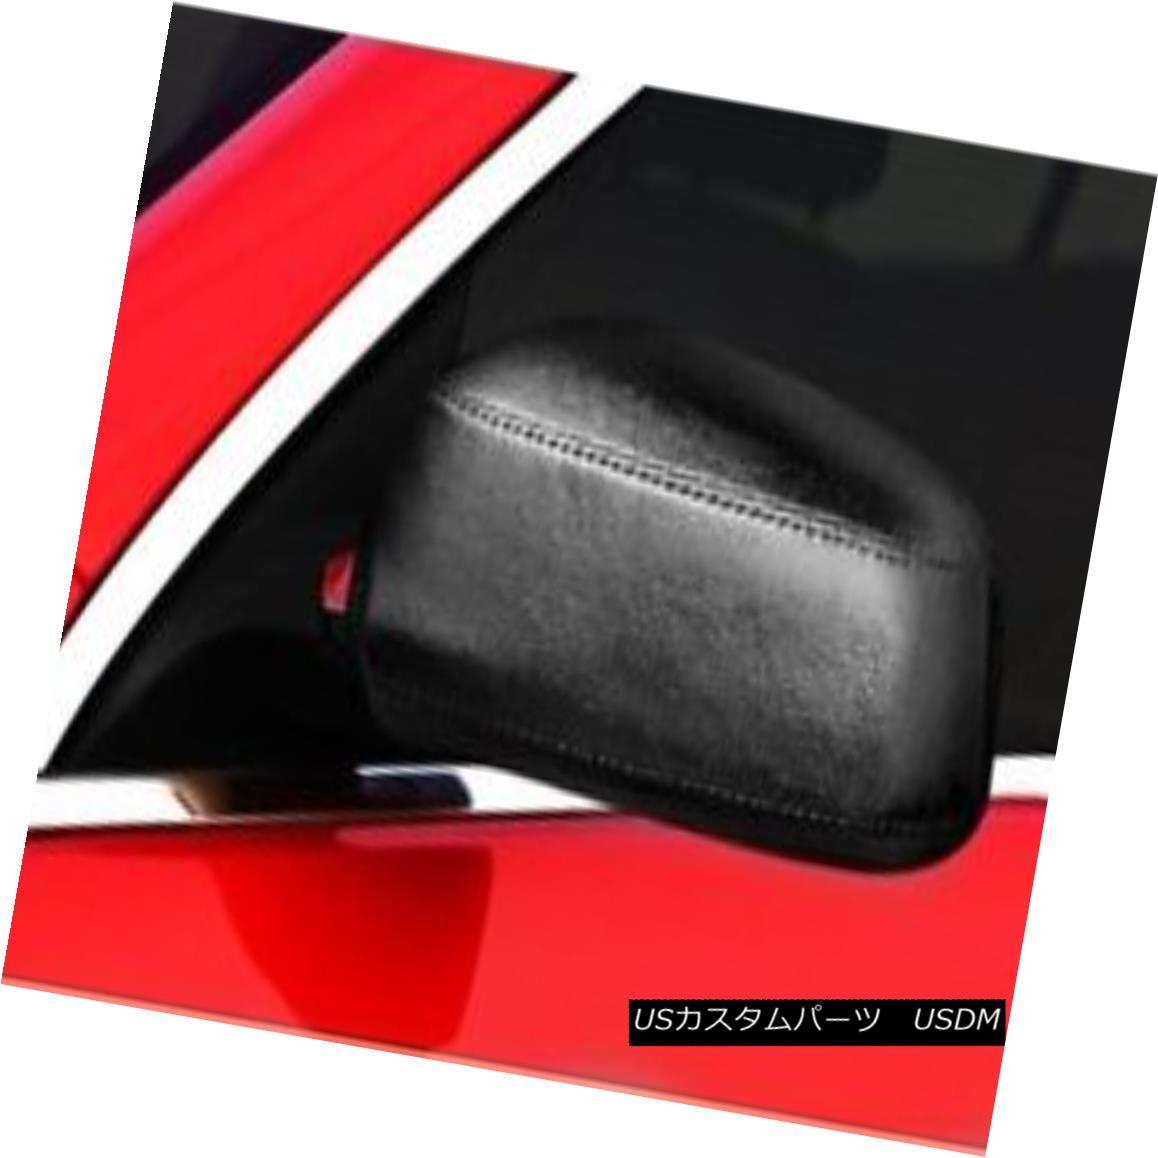 フルブラ ノーズブラ Colgan Car Mirror Covers Bra Black Fits 1998-2002 Pontiac Trans Am コルガン車のミラーカバーブラブラックフィット1998年から2002年ポンティアックトランスアム